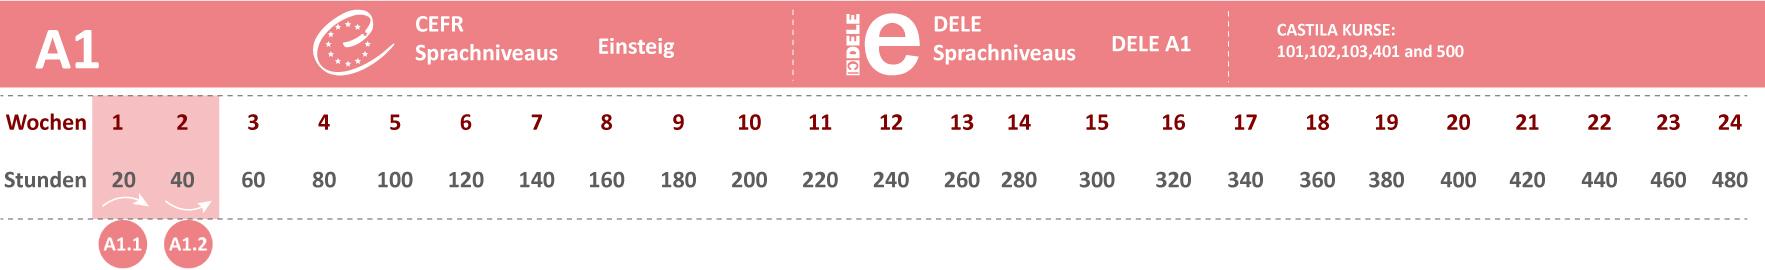 A1 Spanisch